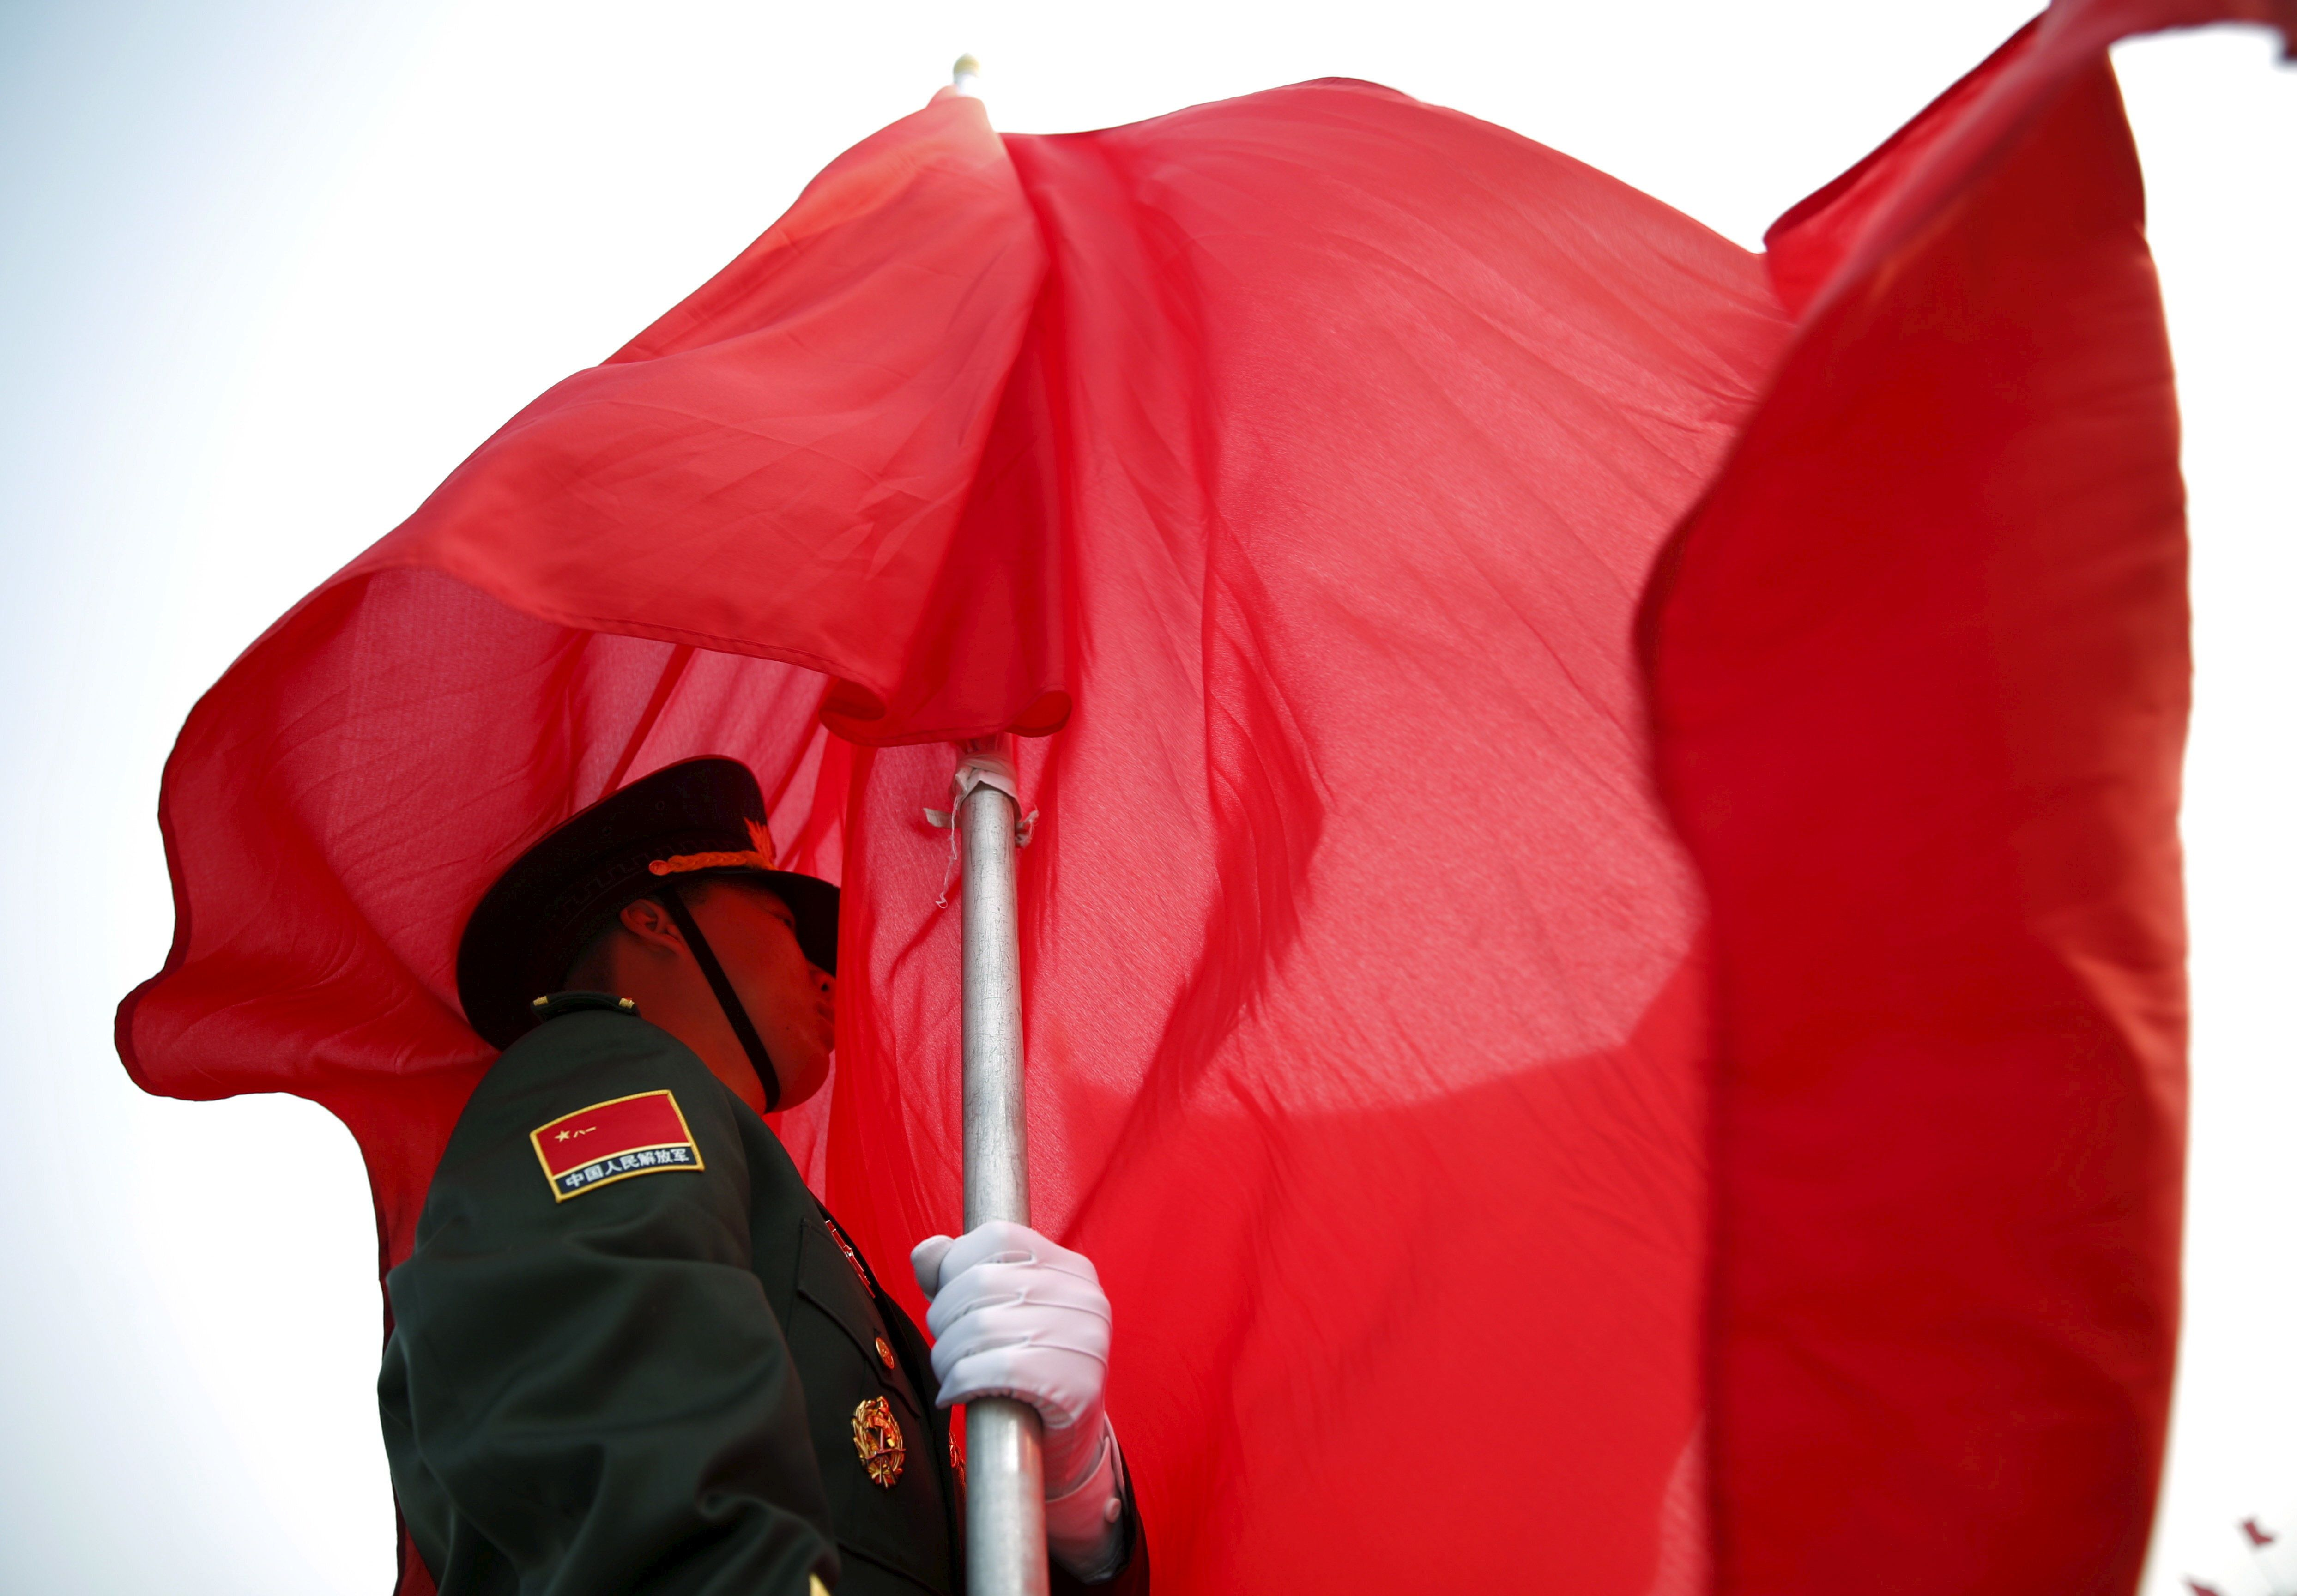 La Chine est l'invitée d'honneur de la Foire internationale